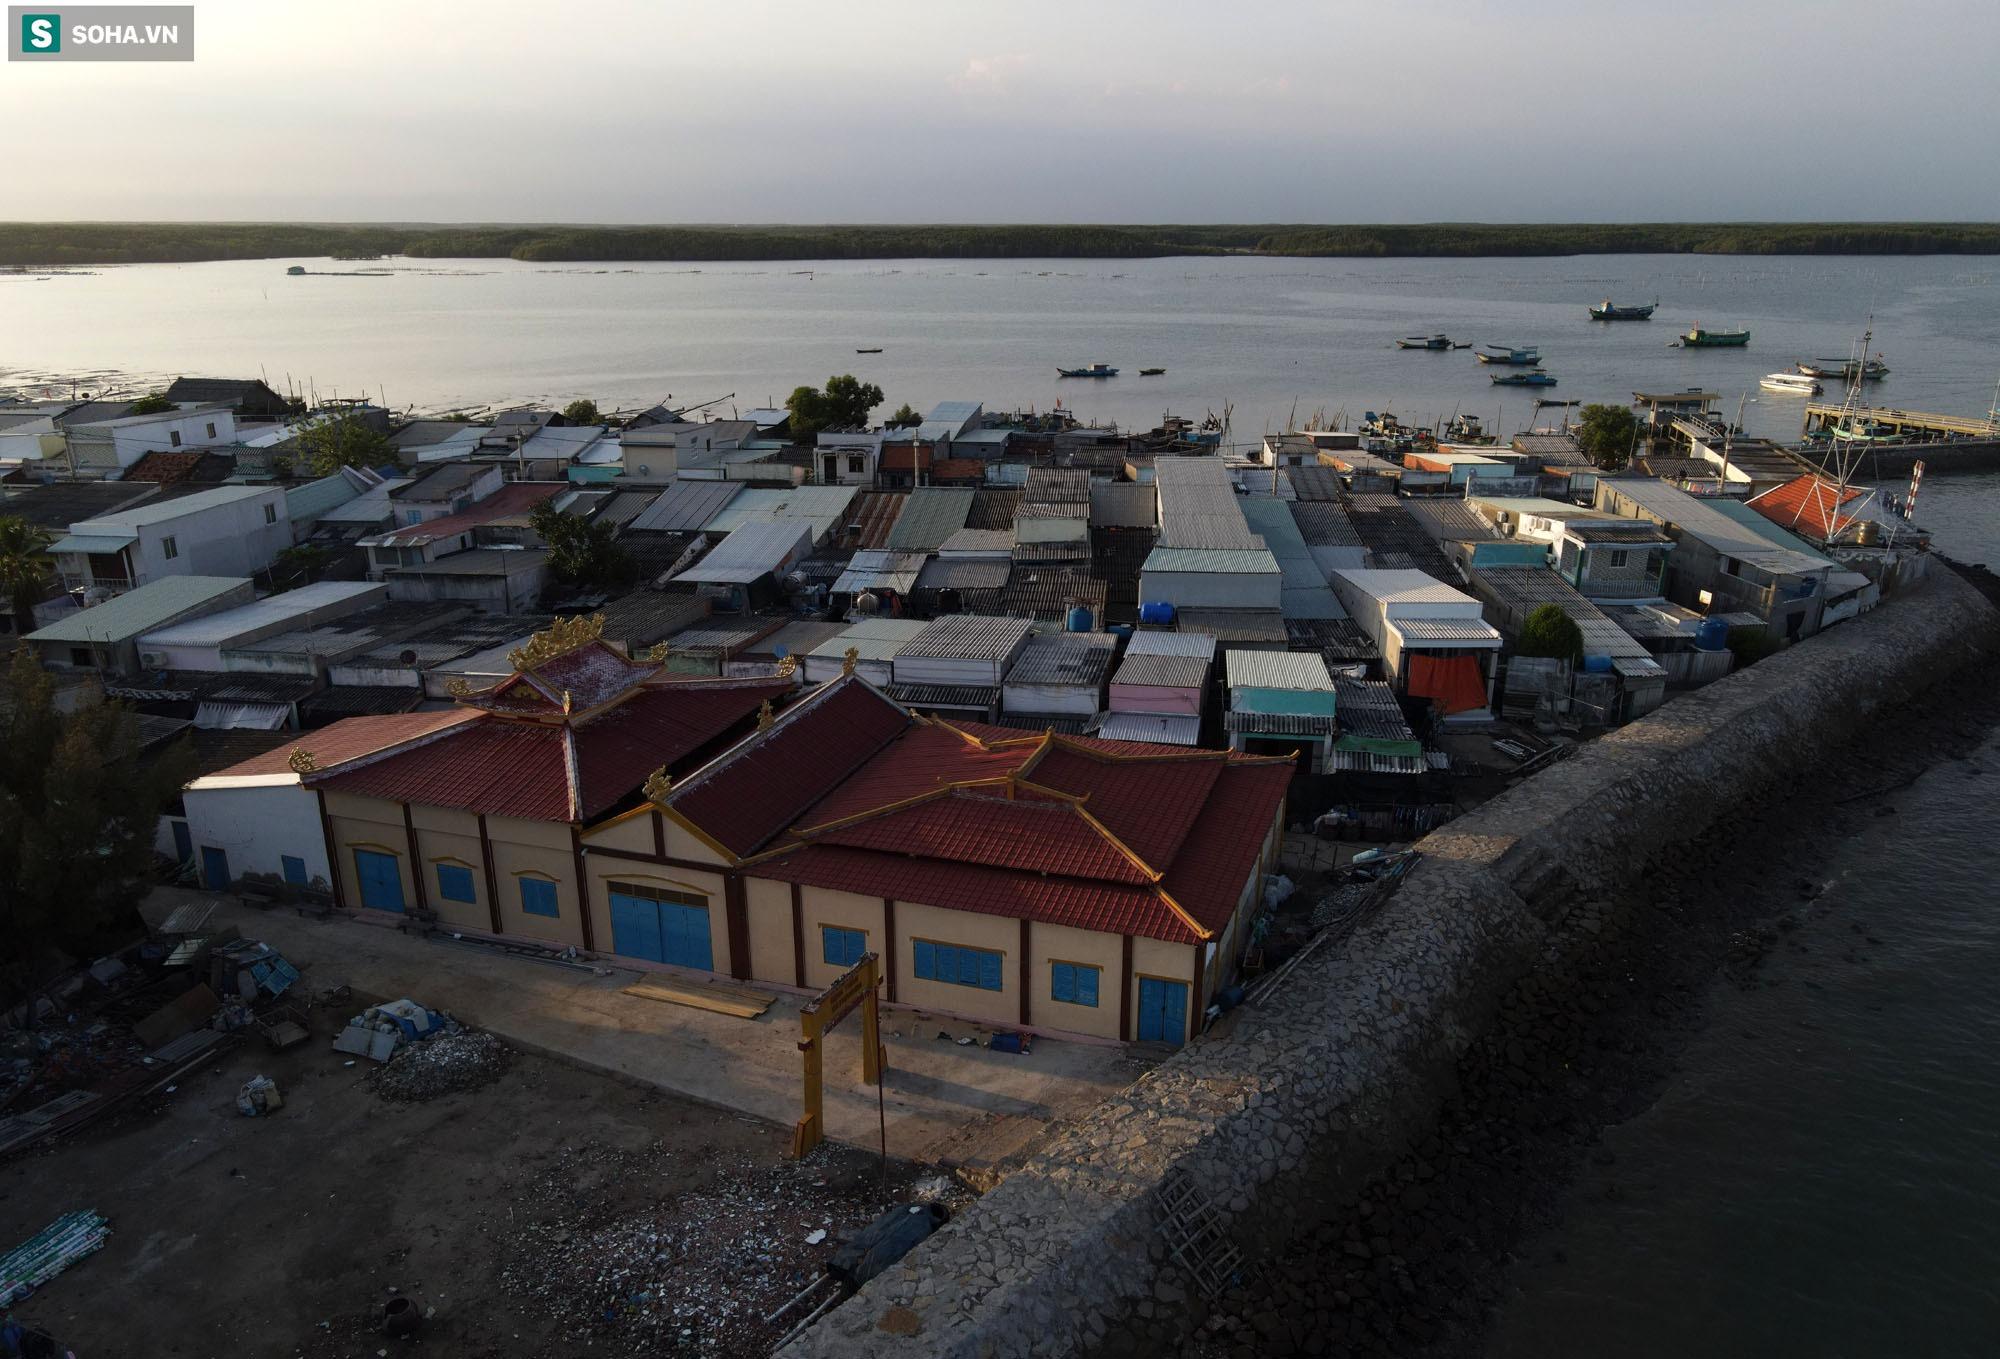 Nằm giữa biển Cần Giờ có một hòn đảo đẹp ngỡ ngàng, hoang sơ, rất ít người biết ở TP.HCM - 20